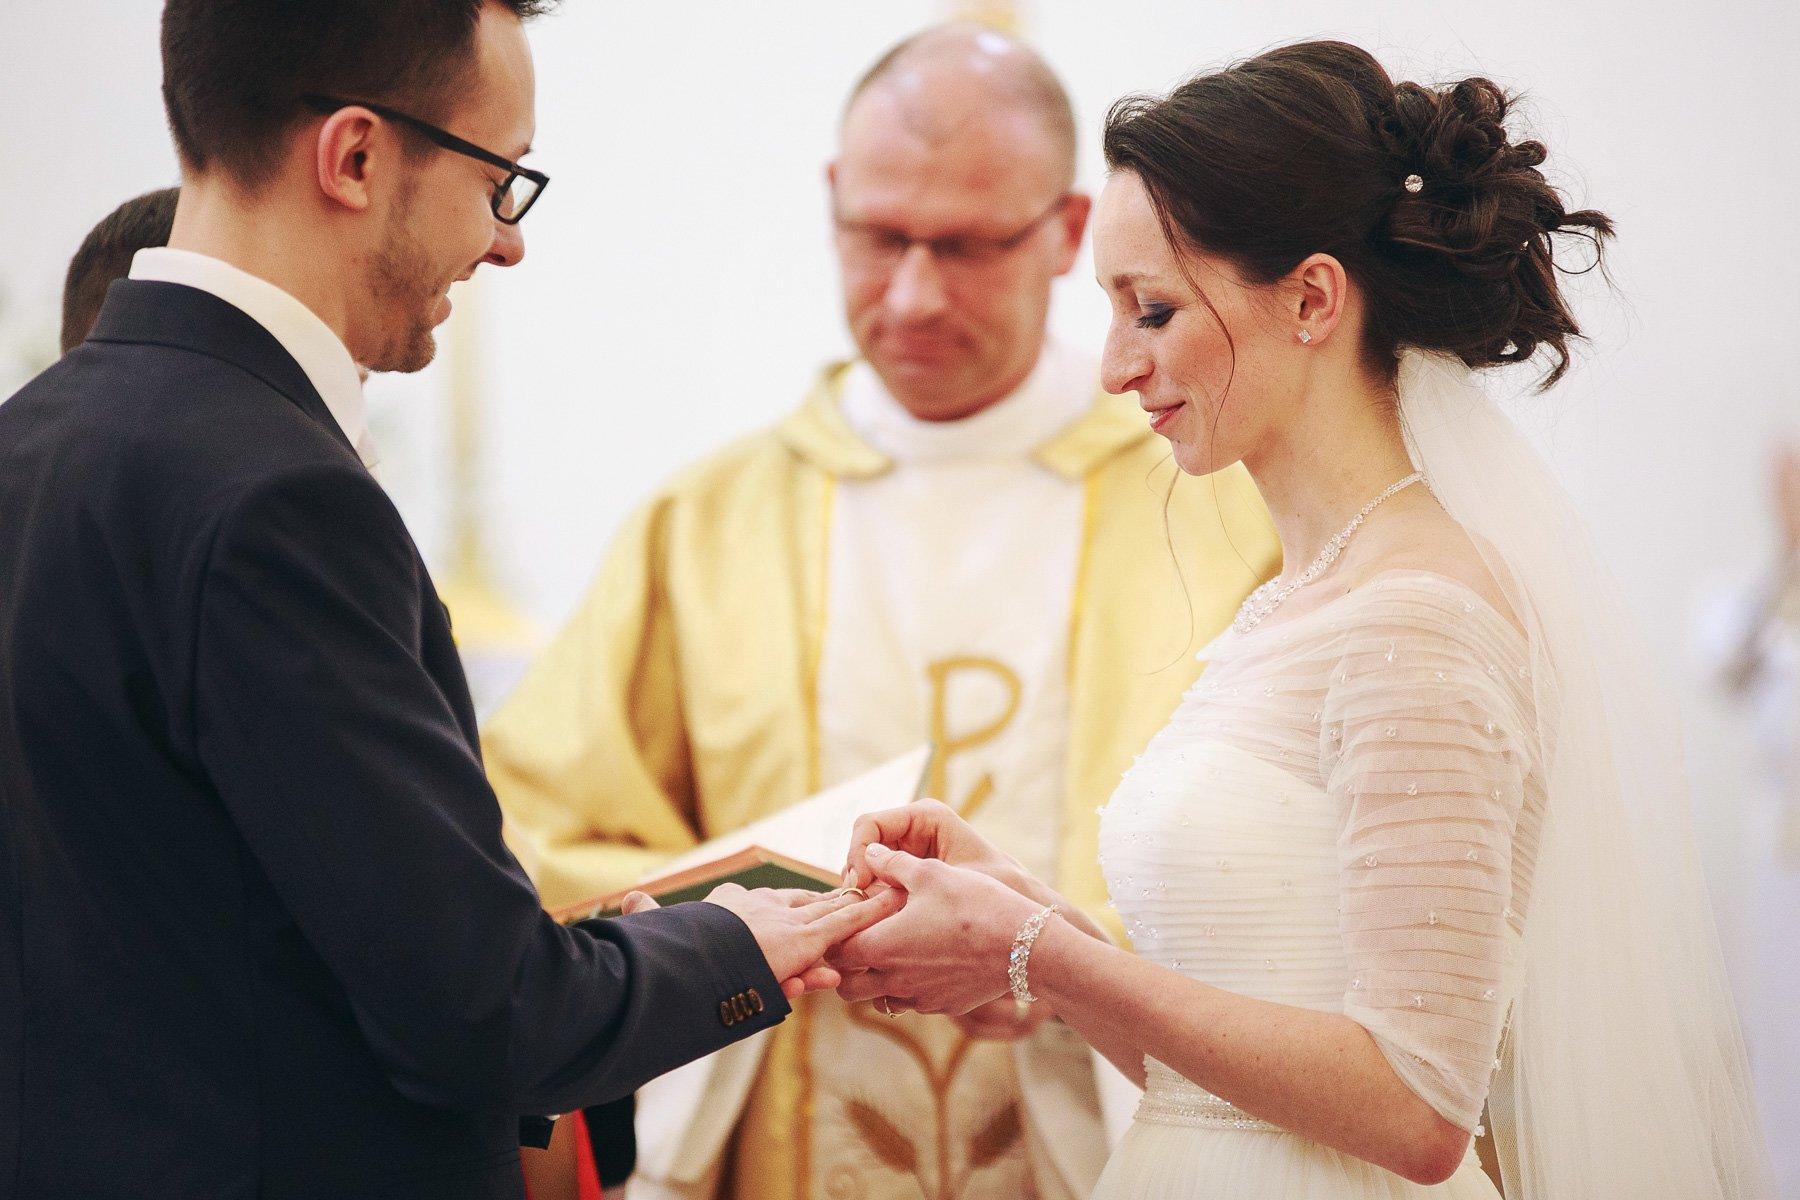 fotograf slub bielsko biala ania maciej 66 - Ślub w Bielsku-Białej - ANIA & MACIEJ